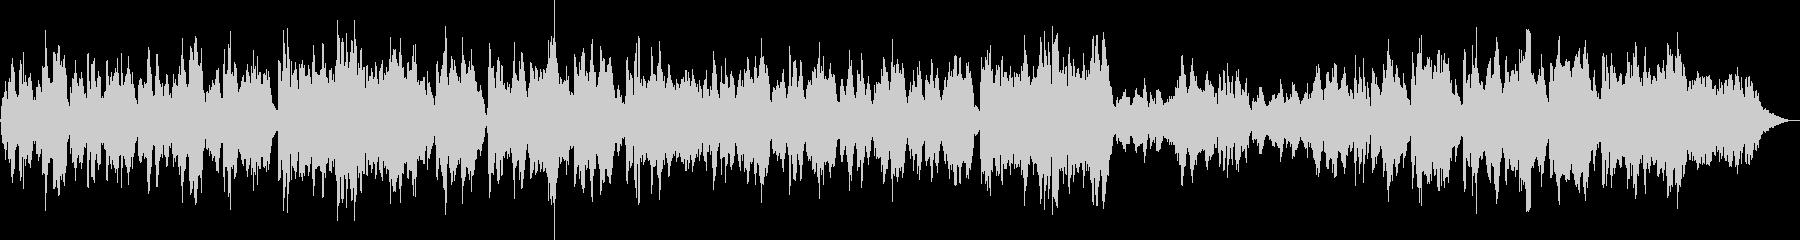 バイオリンとピアノのバラードの未再生の波形